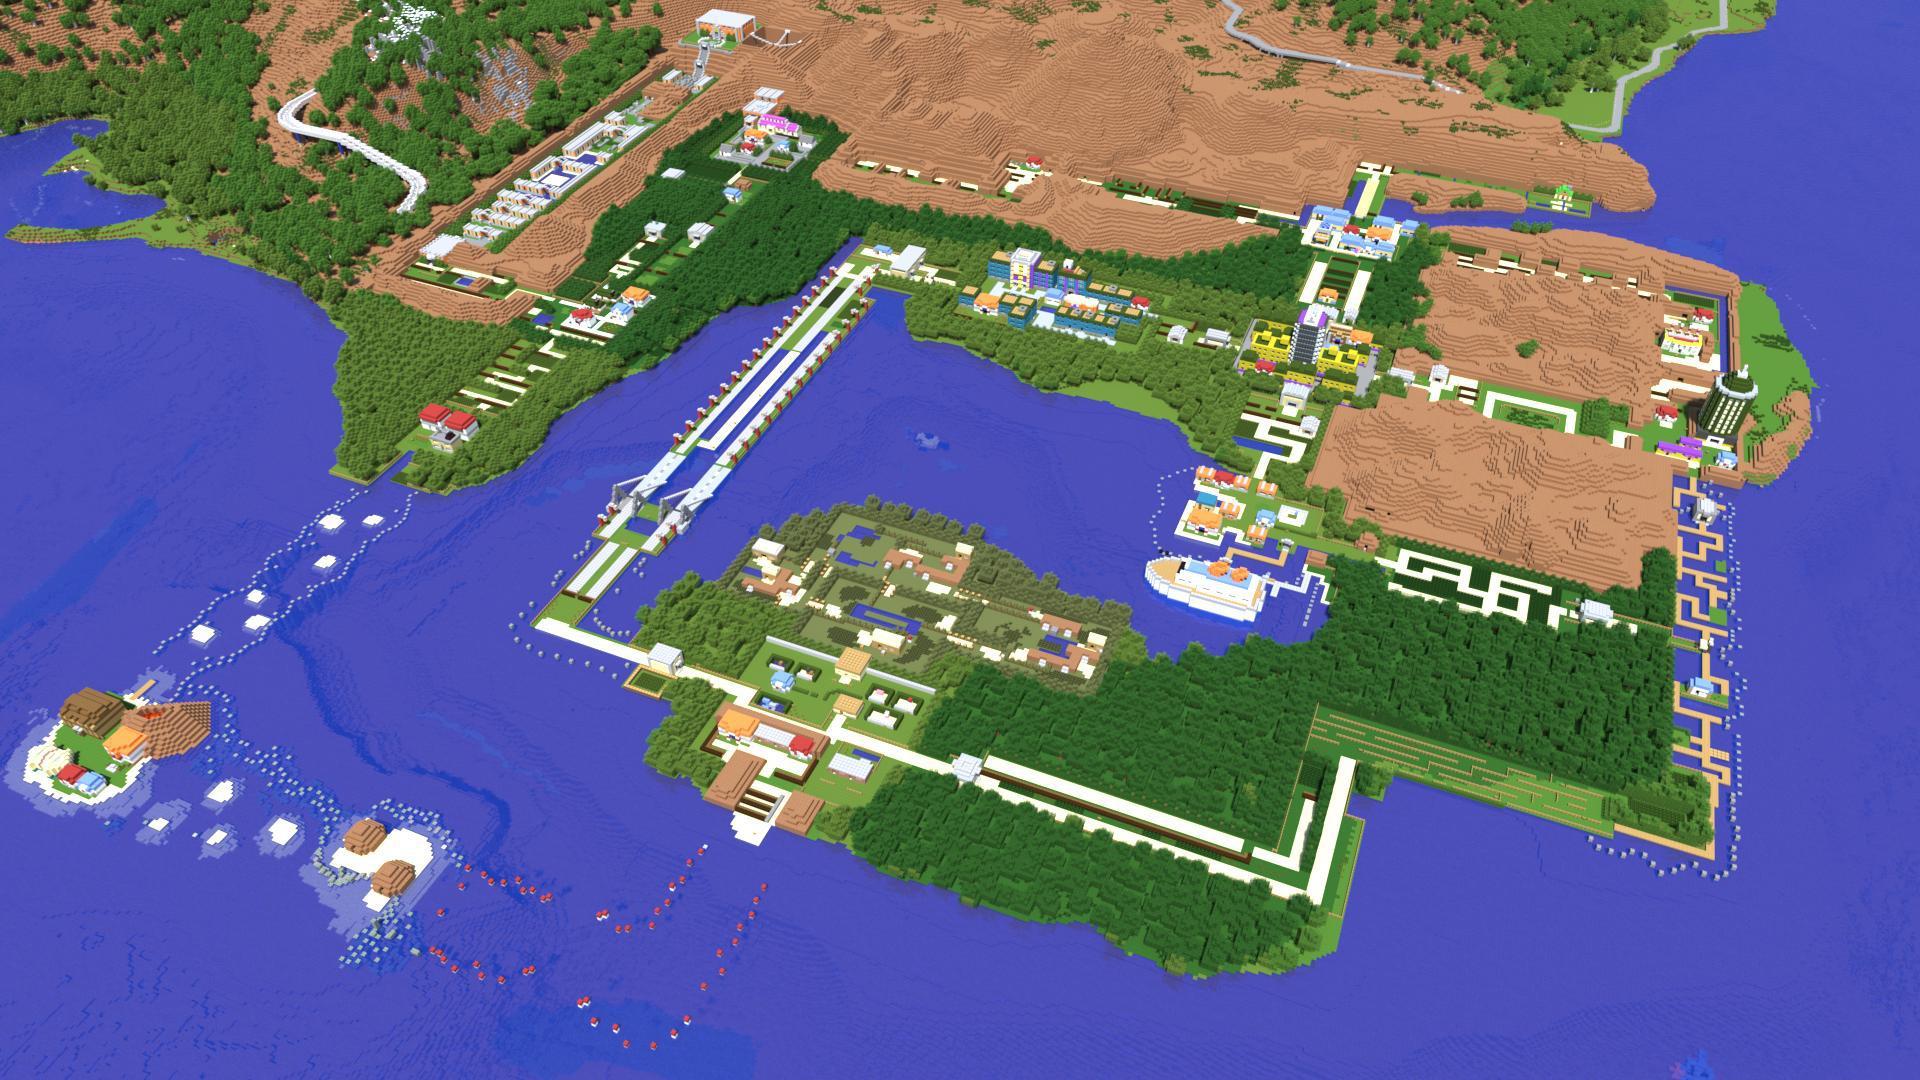 Kanto Region recreated in Minecraft | Minecraft | Know Your Meme